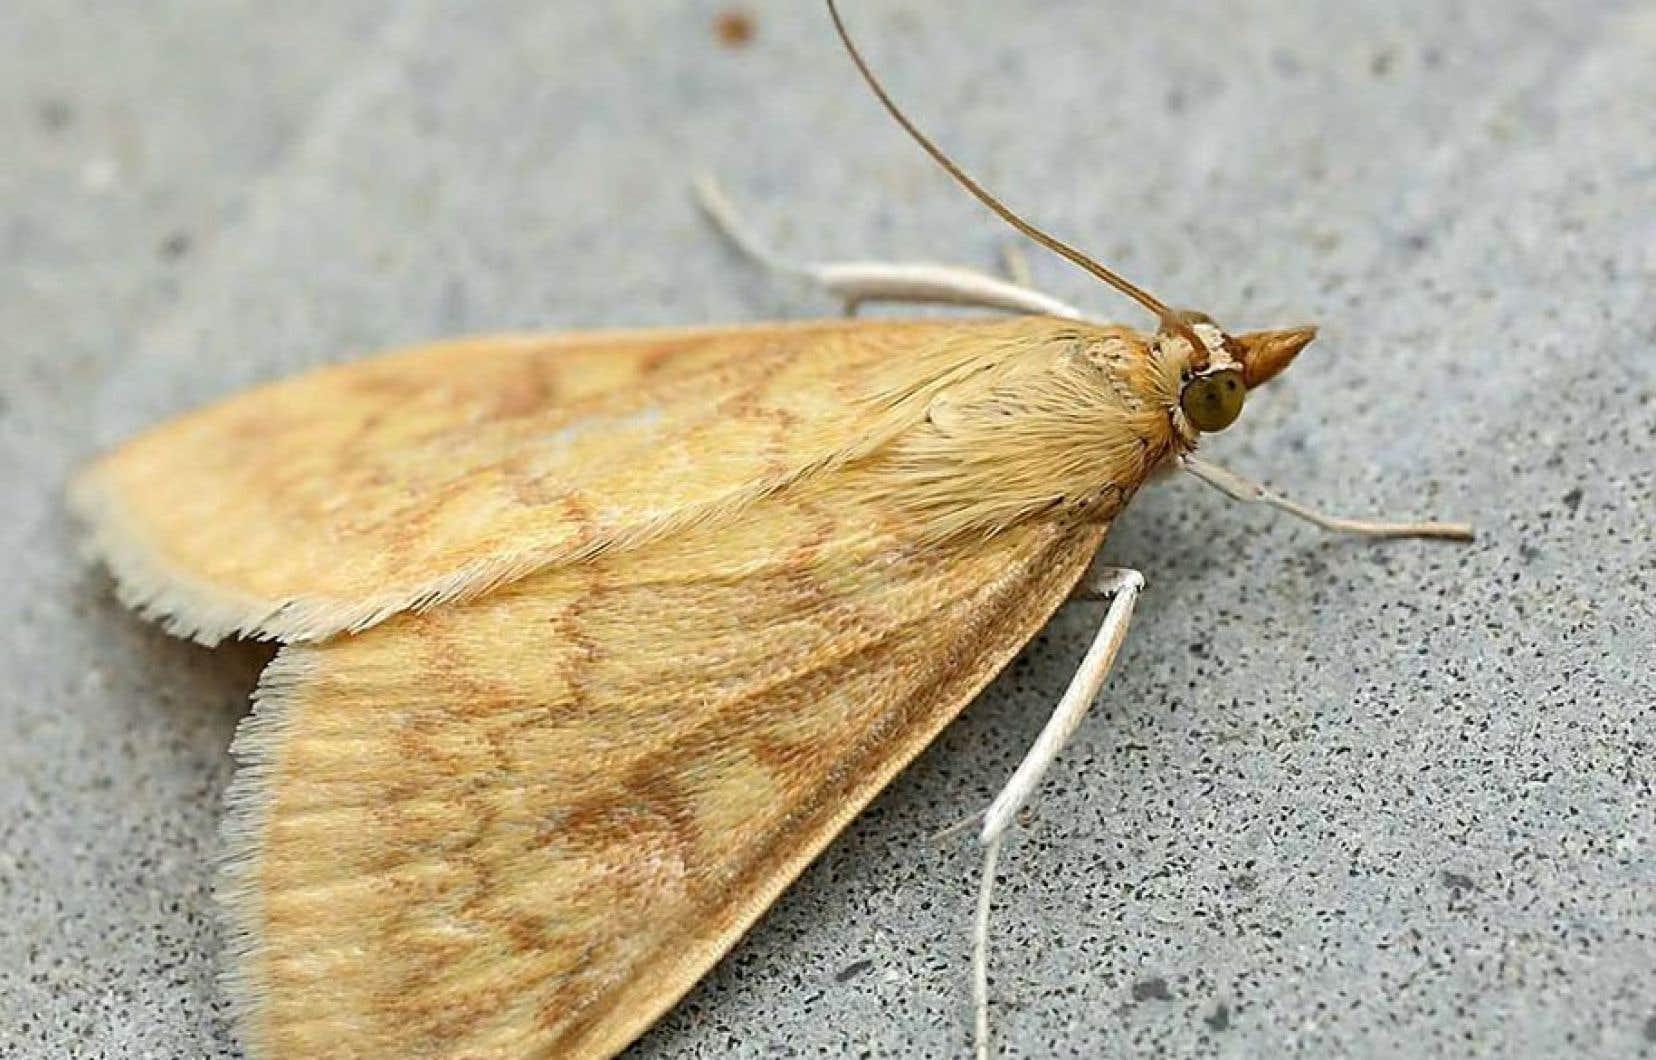 La pyrale est un papillon nocturne qui ravage les champs de maïs.